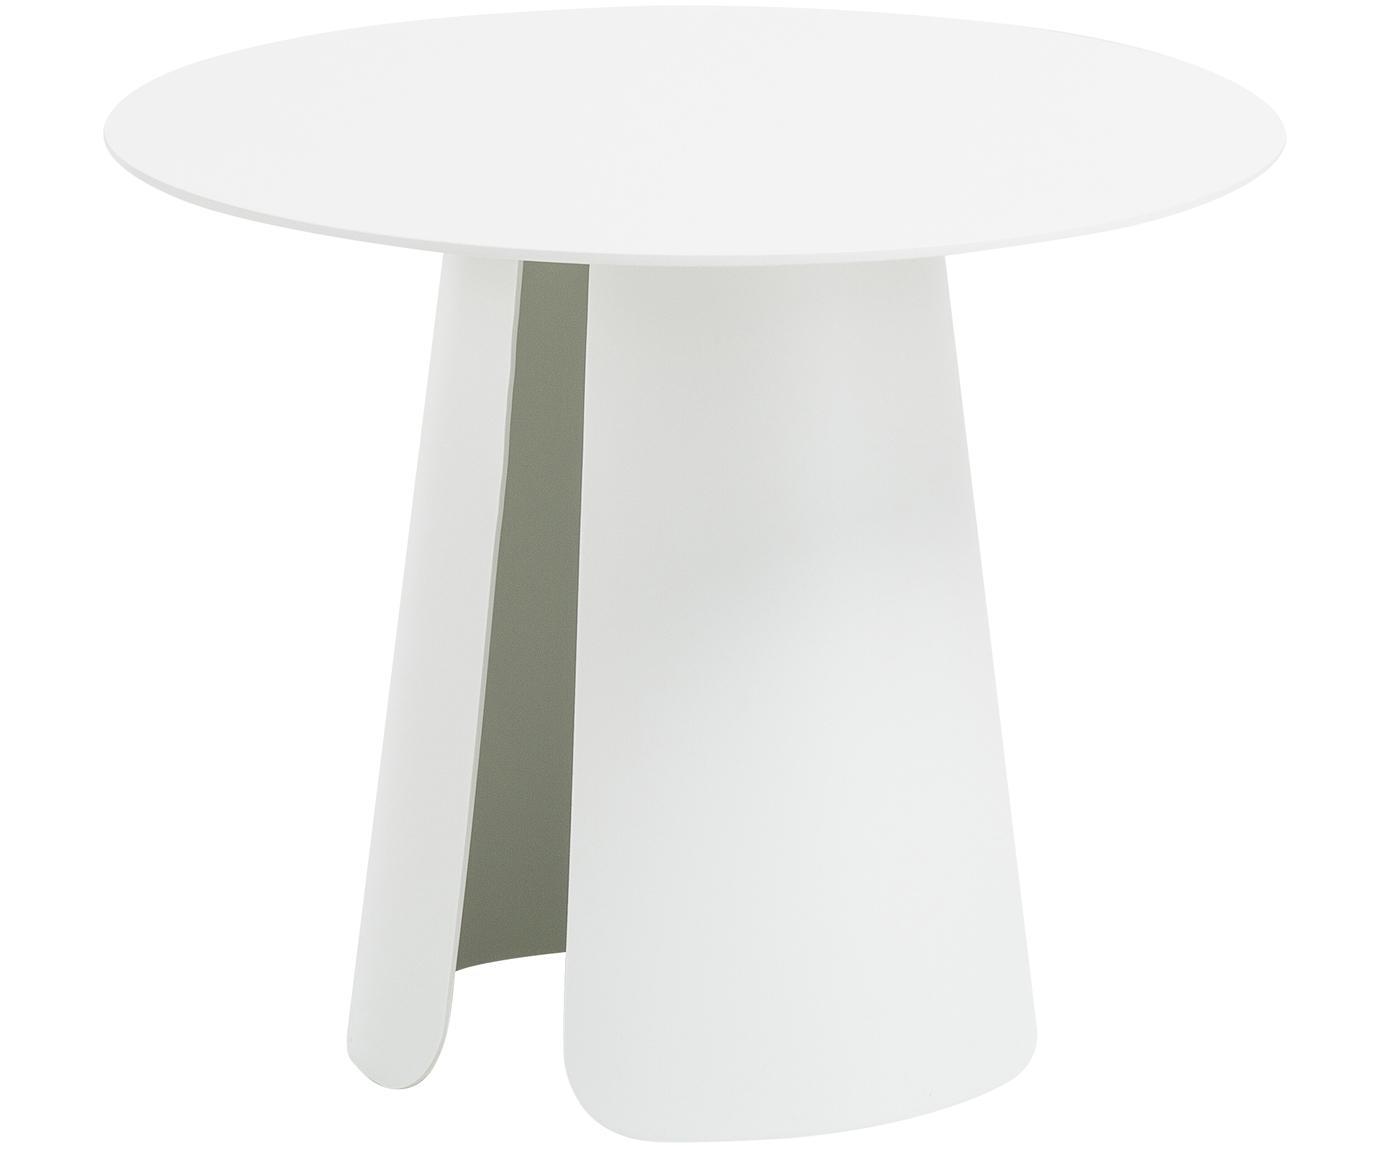 Stolik pomocniczy z metalu Feel, Aluminium malowane proszkowo, Biały, Ø 40 x W 32 cm